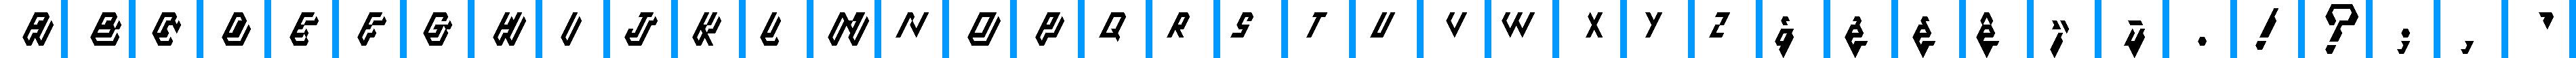 Particip-a-type v.37